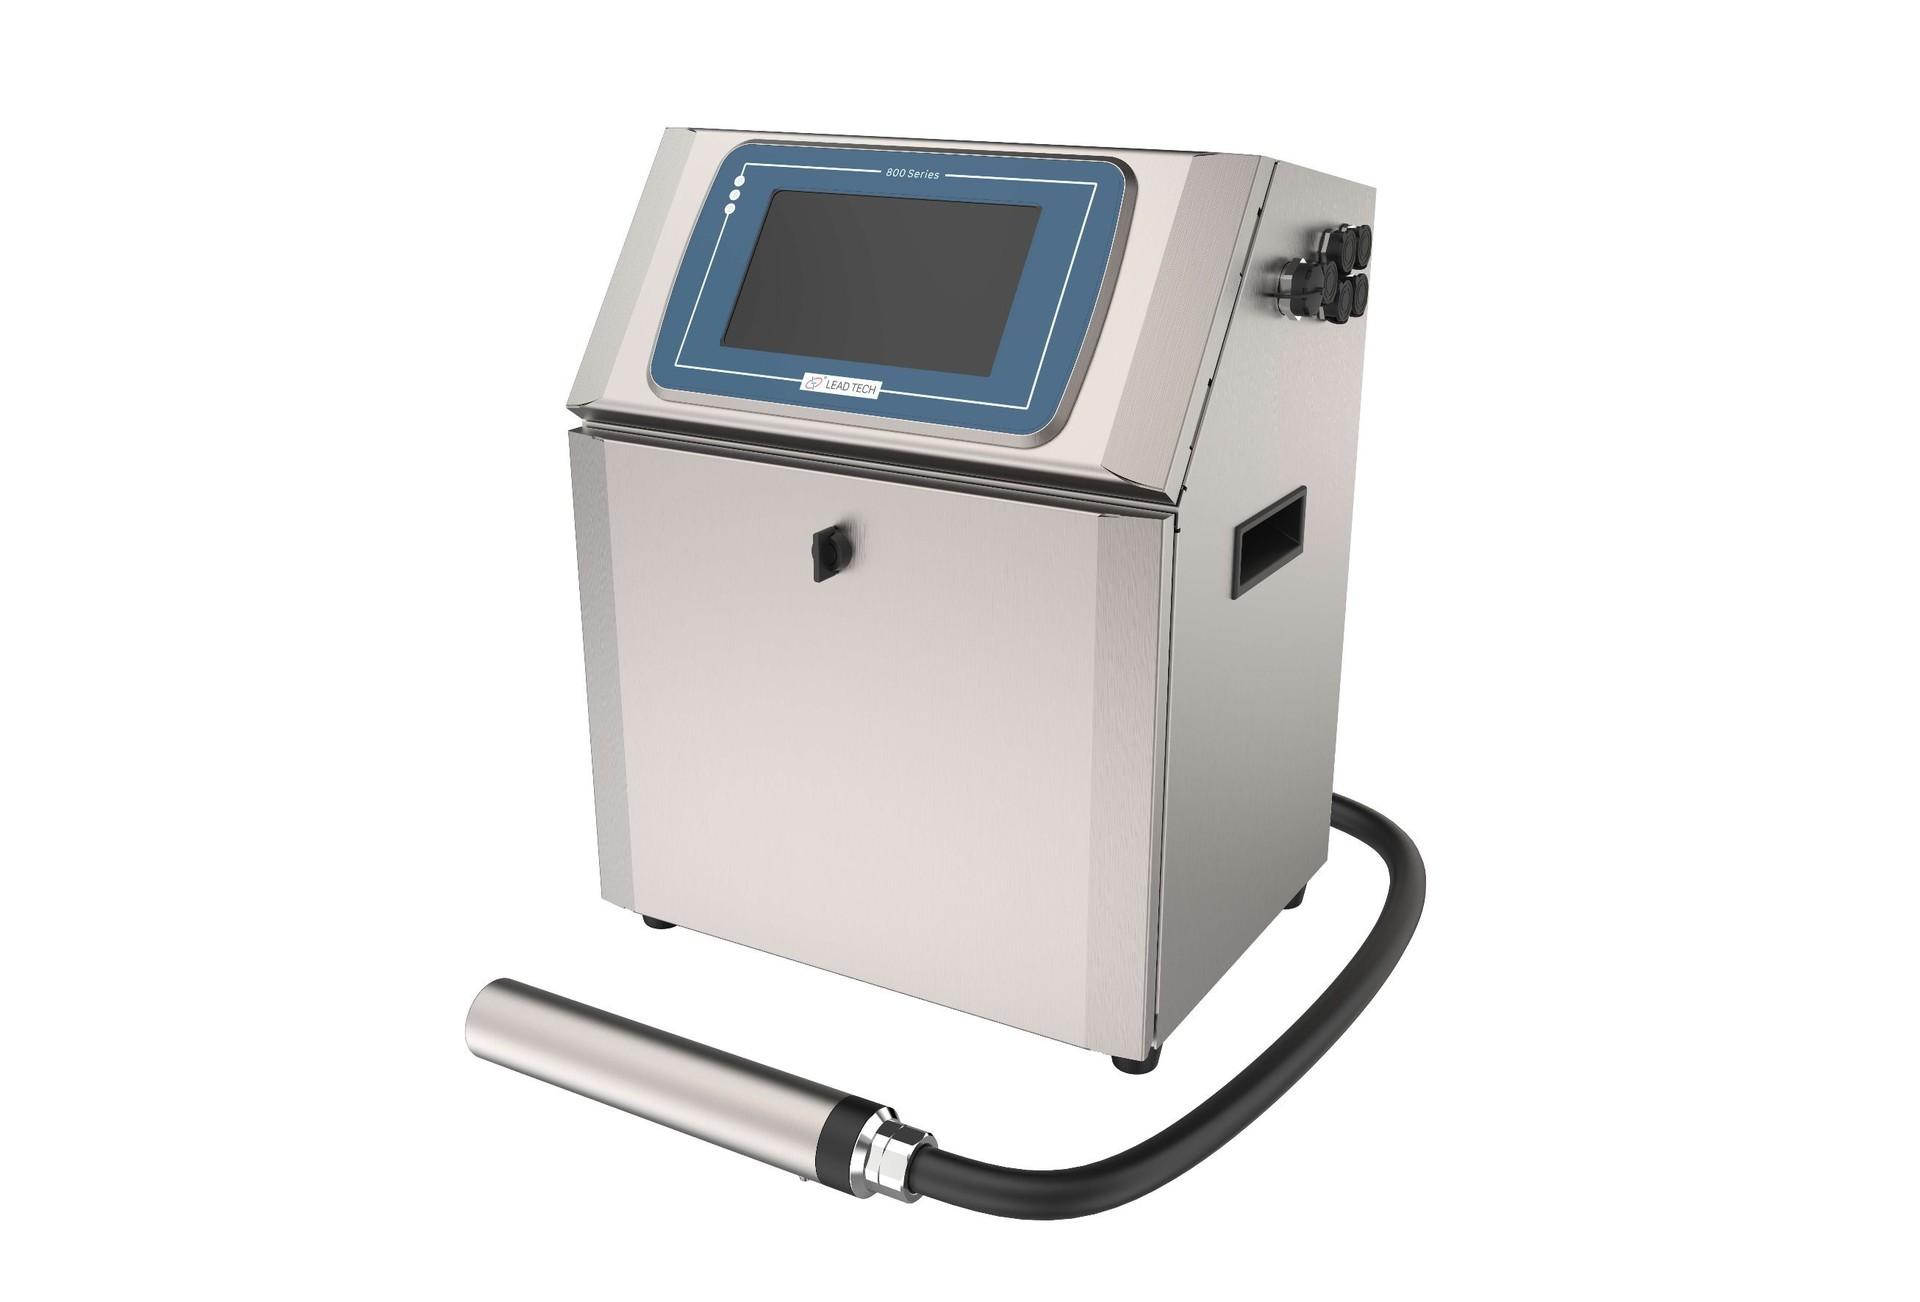 Lead Tech Lt800 Low Cost Cij Inkjet Printer